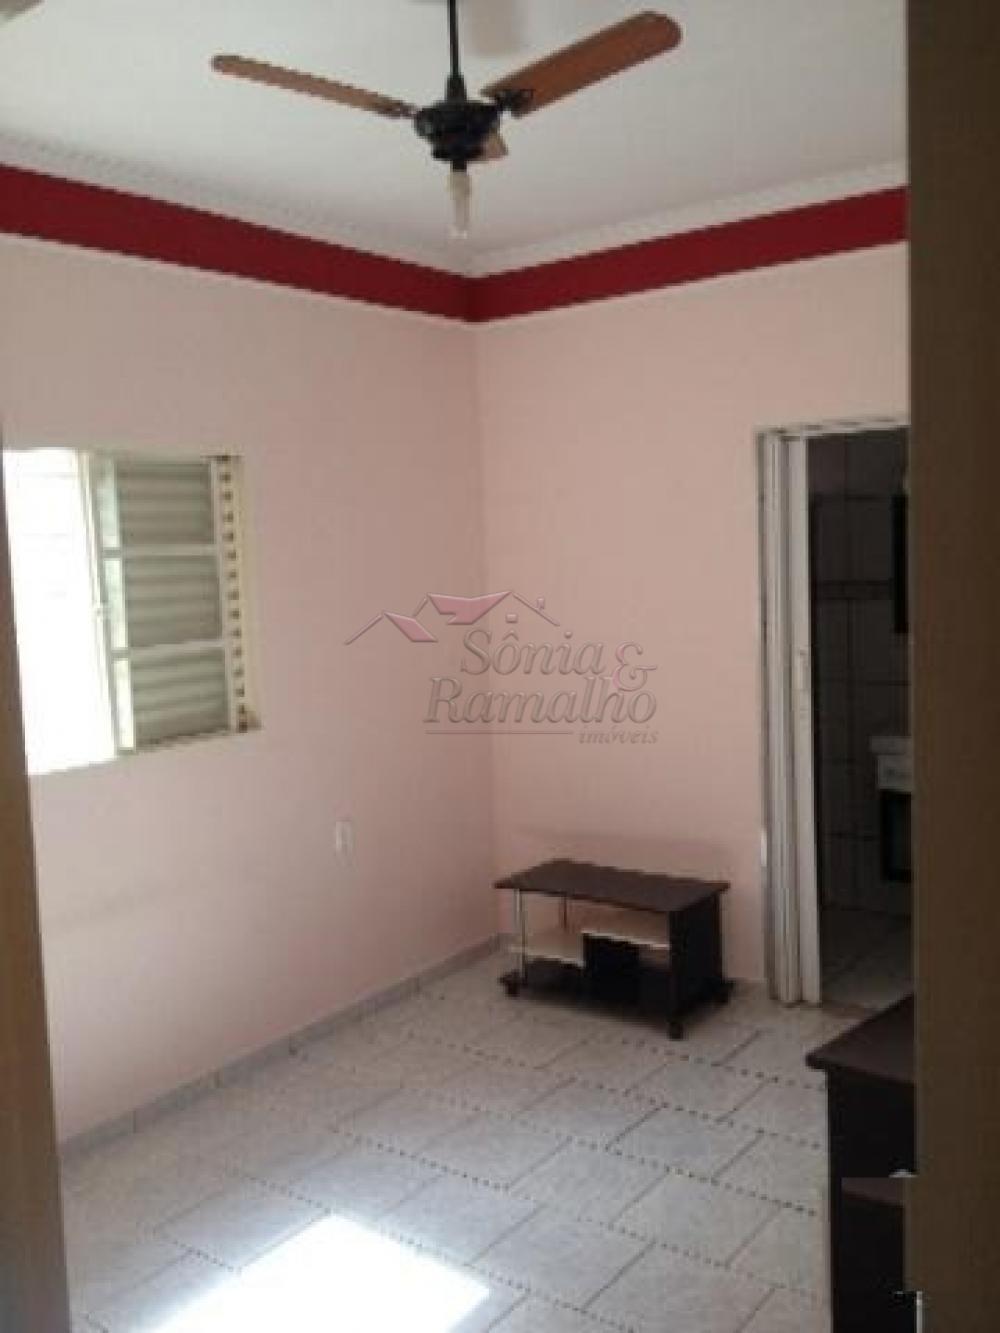 Comprar Casas / Condomínio em Ribeirão Preto apenas R$ 270.000,00 - Foto 5